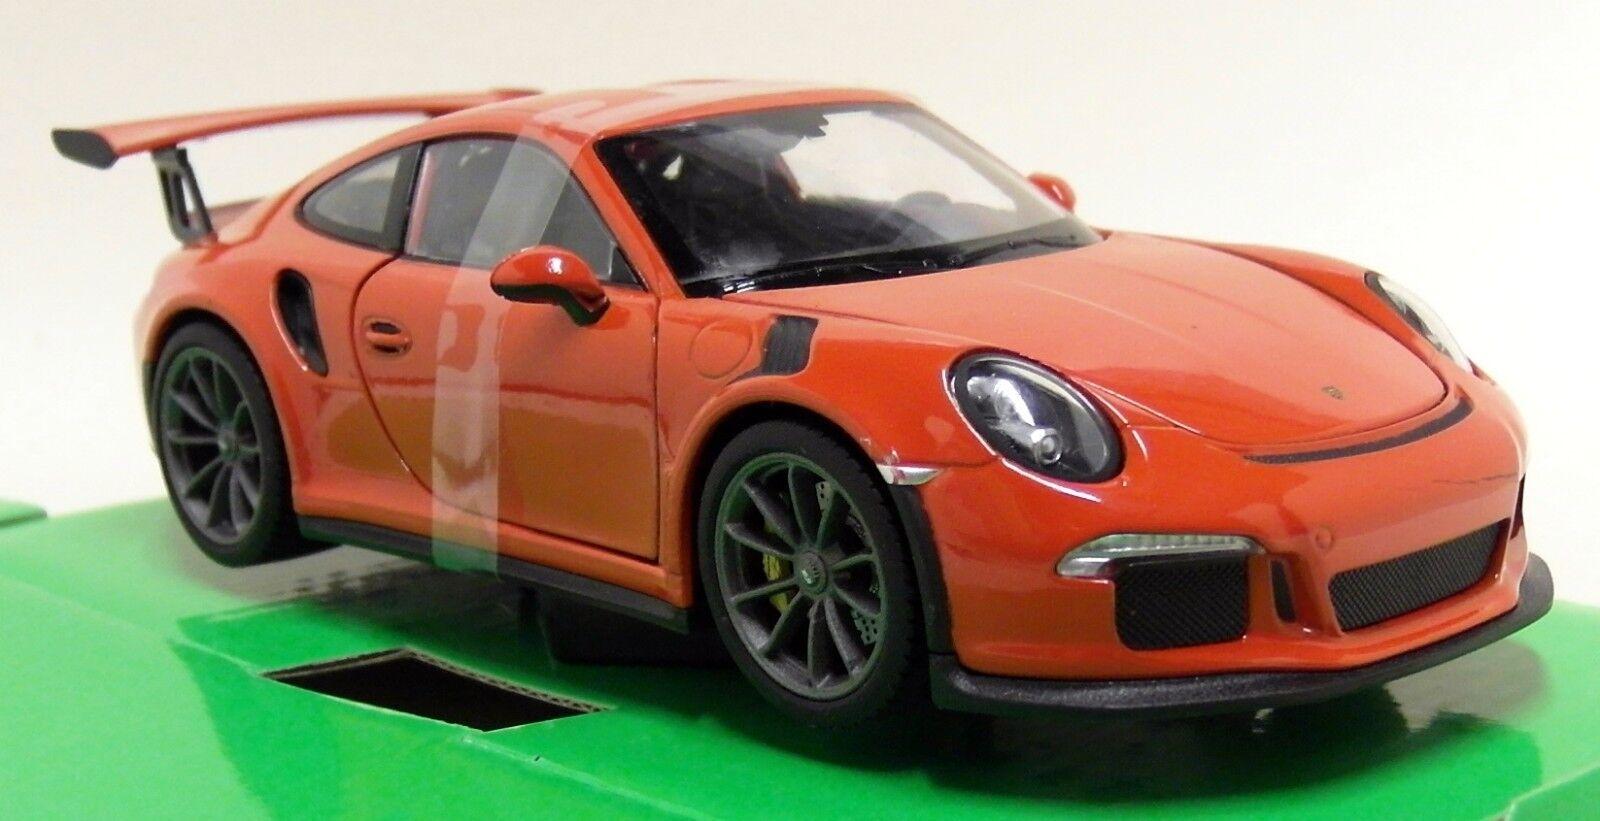 NEX 1 24 - 27 Scale - 2016 Porsche 911 GT3 RS orange - Diecast model car